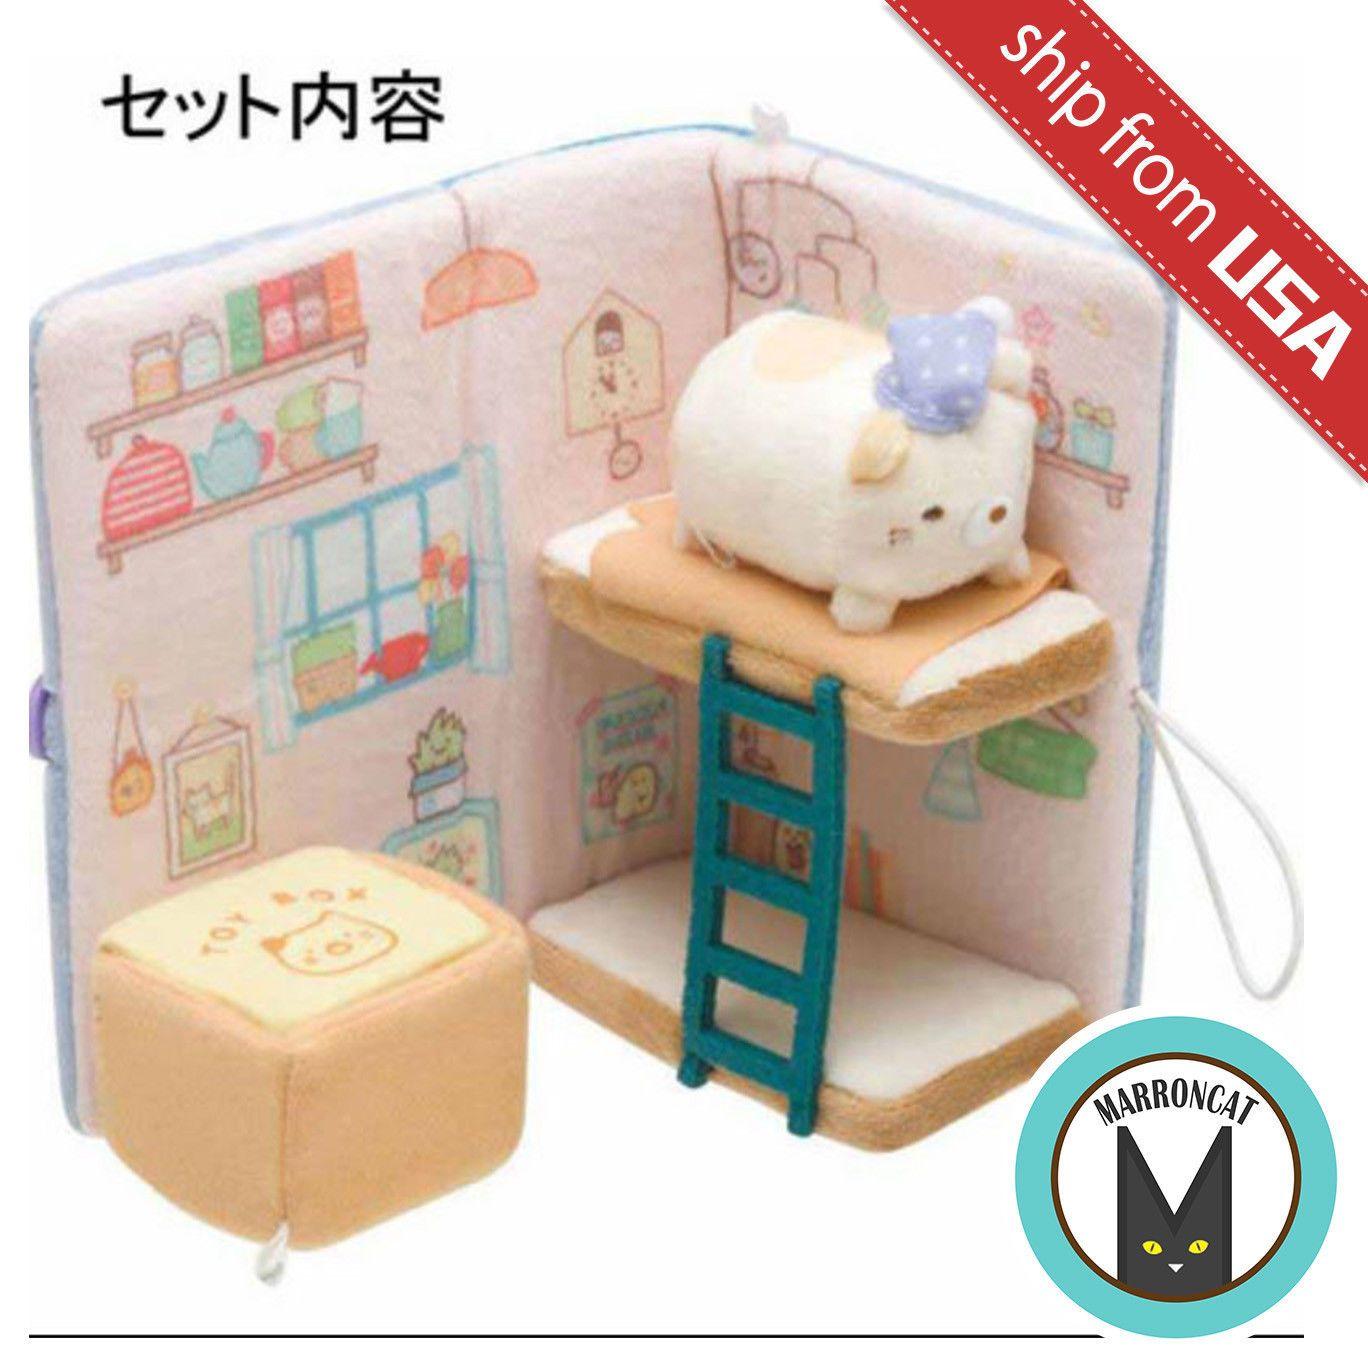 Sumikko Gurashi Scene Plush Doll Bathroom San-X Japan